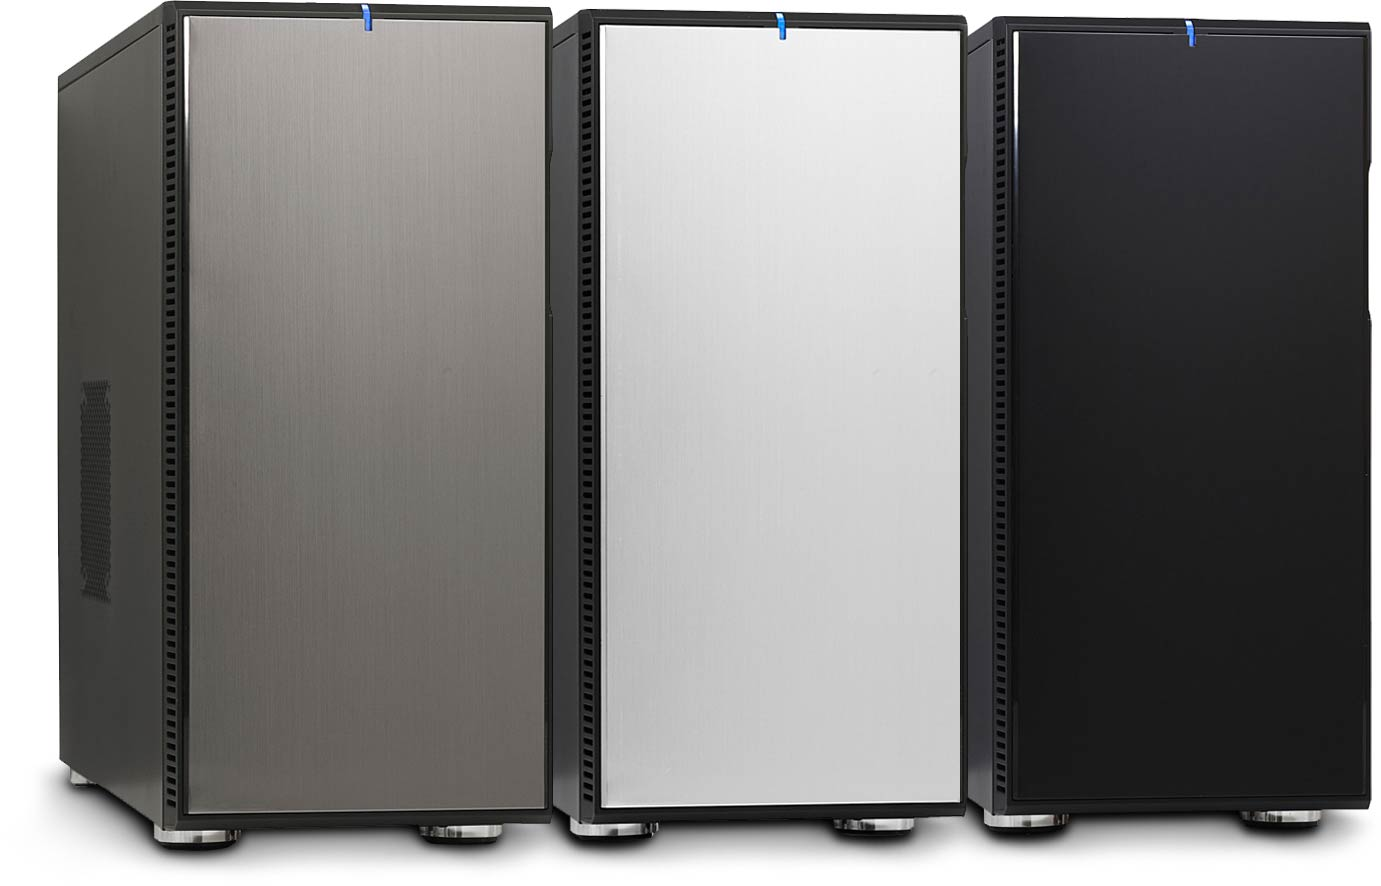 Fractal Design Define R2 Computer Cases